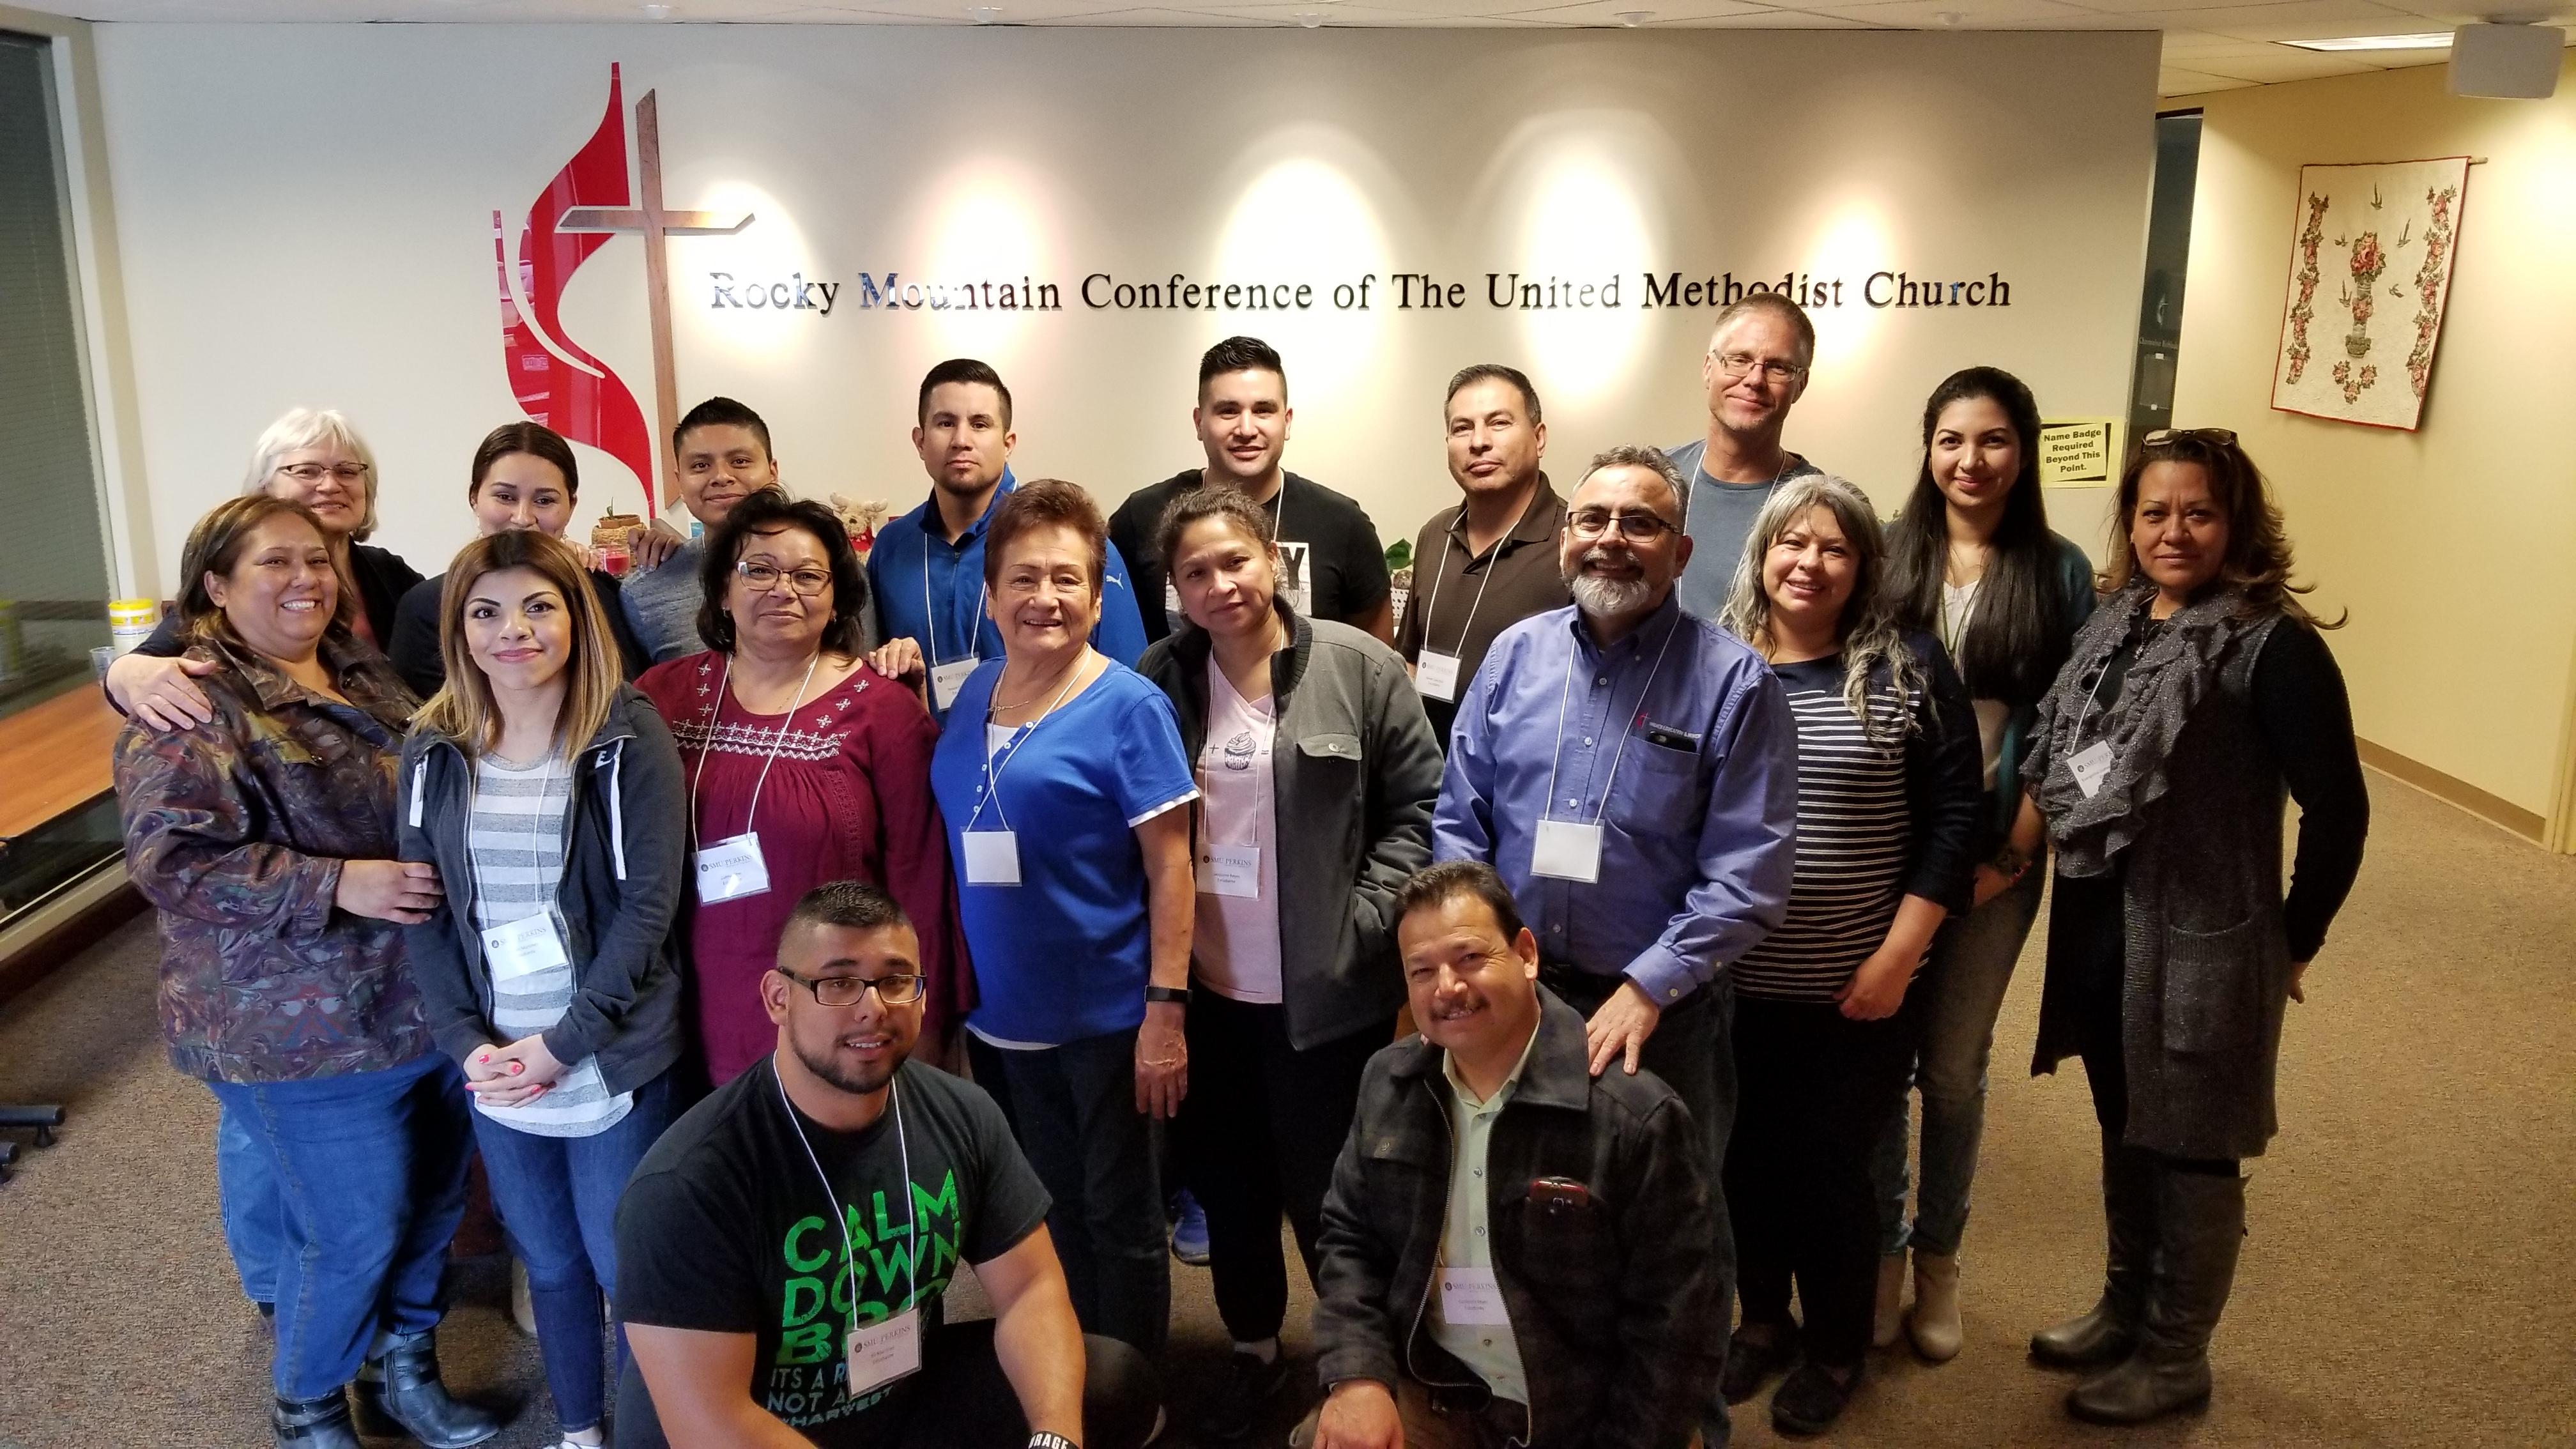 Líderes asistieron el Curso de Estudio híbrido en Denver, Colorado. Foto cortesía de Aileen Jimenez.